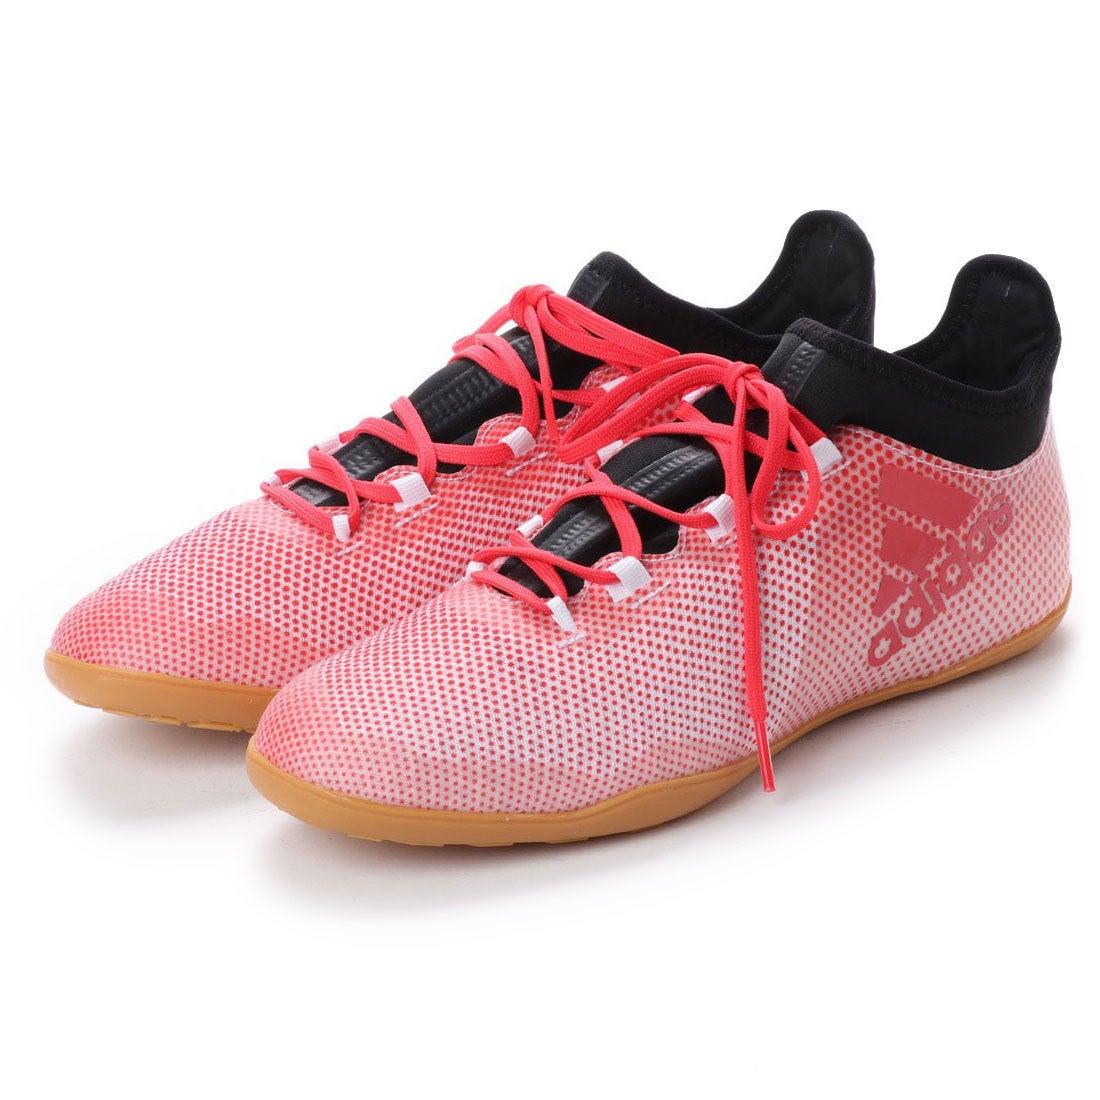 【SALE 30%OFF】アディダス adidas フットサル シューズ エックス タンゴ 17.3 IN CP9140